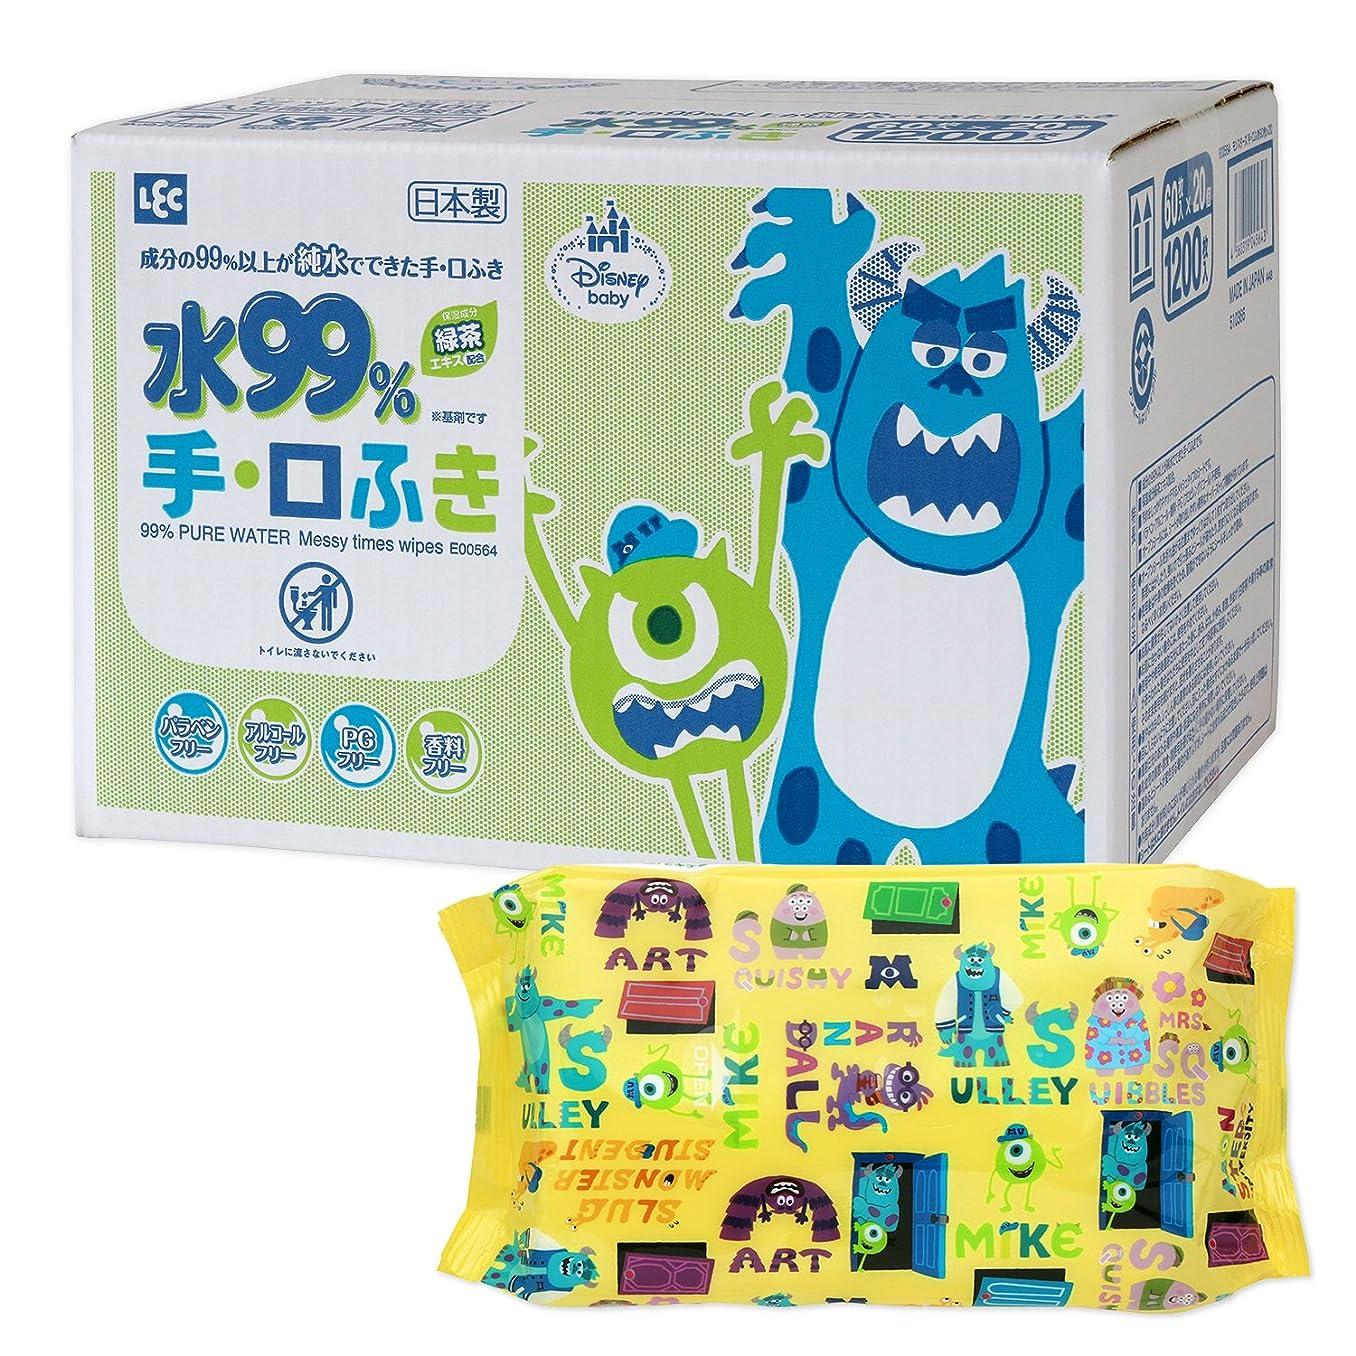 人形過度に深いモンスターズ 純水99% 手?くちふき 60枚入×20個 (1200枚) 日本製 パラベンフリー